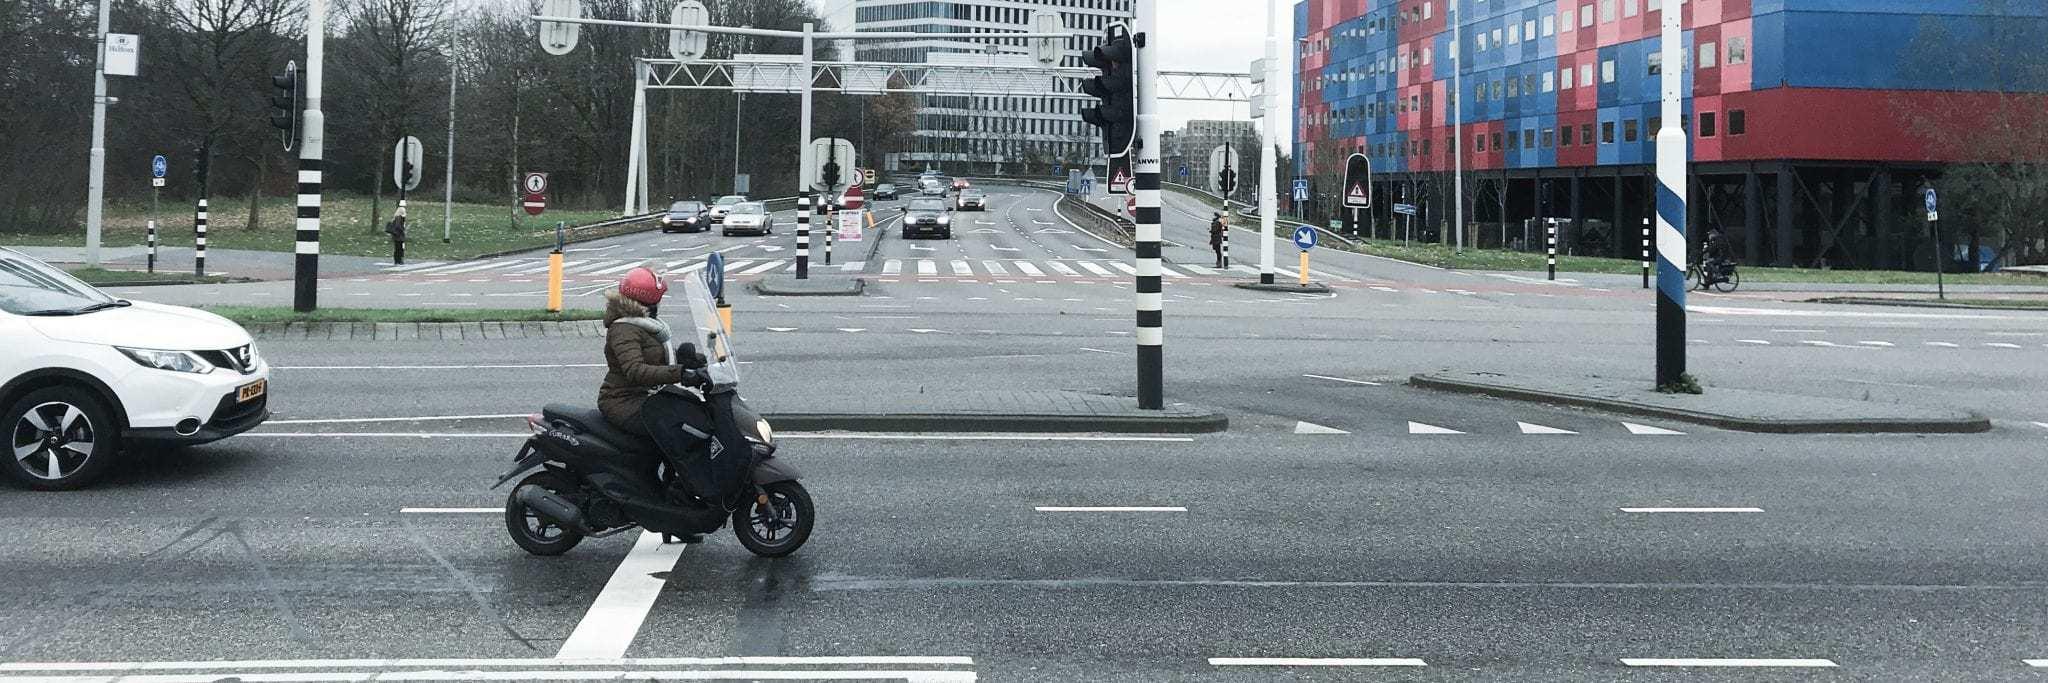 Invoering tolsysteem. Wordt u bij van een tolweg in Amsterdam